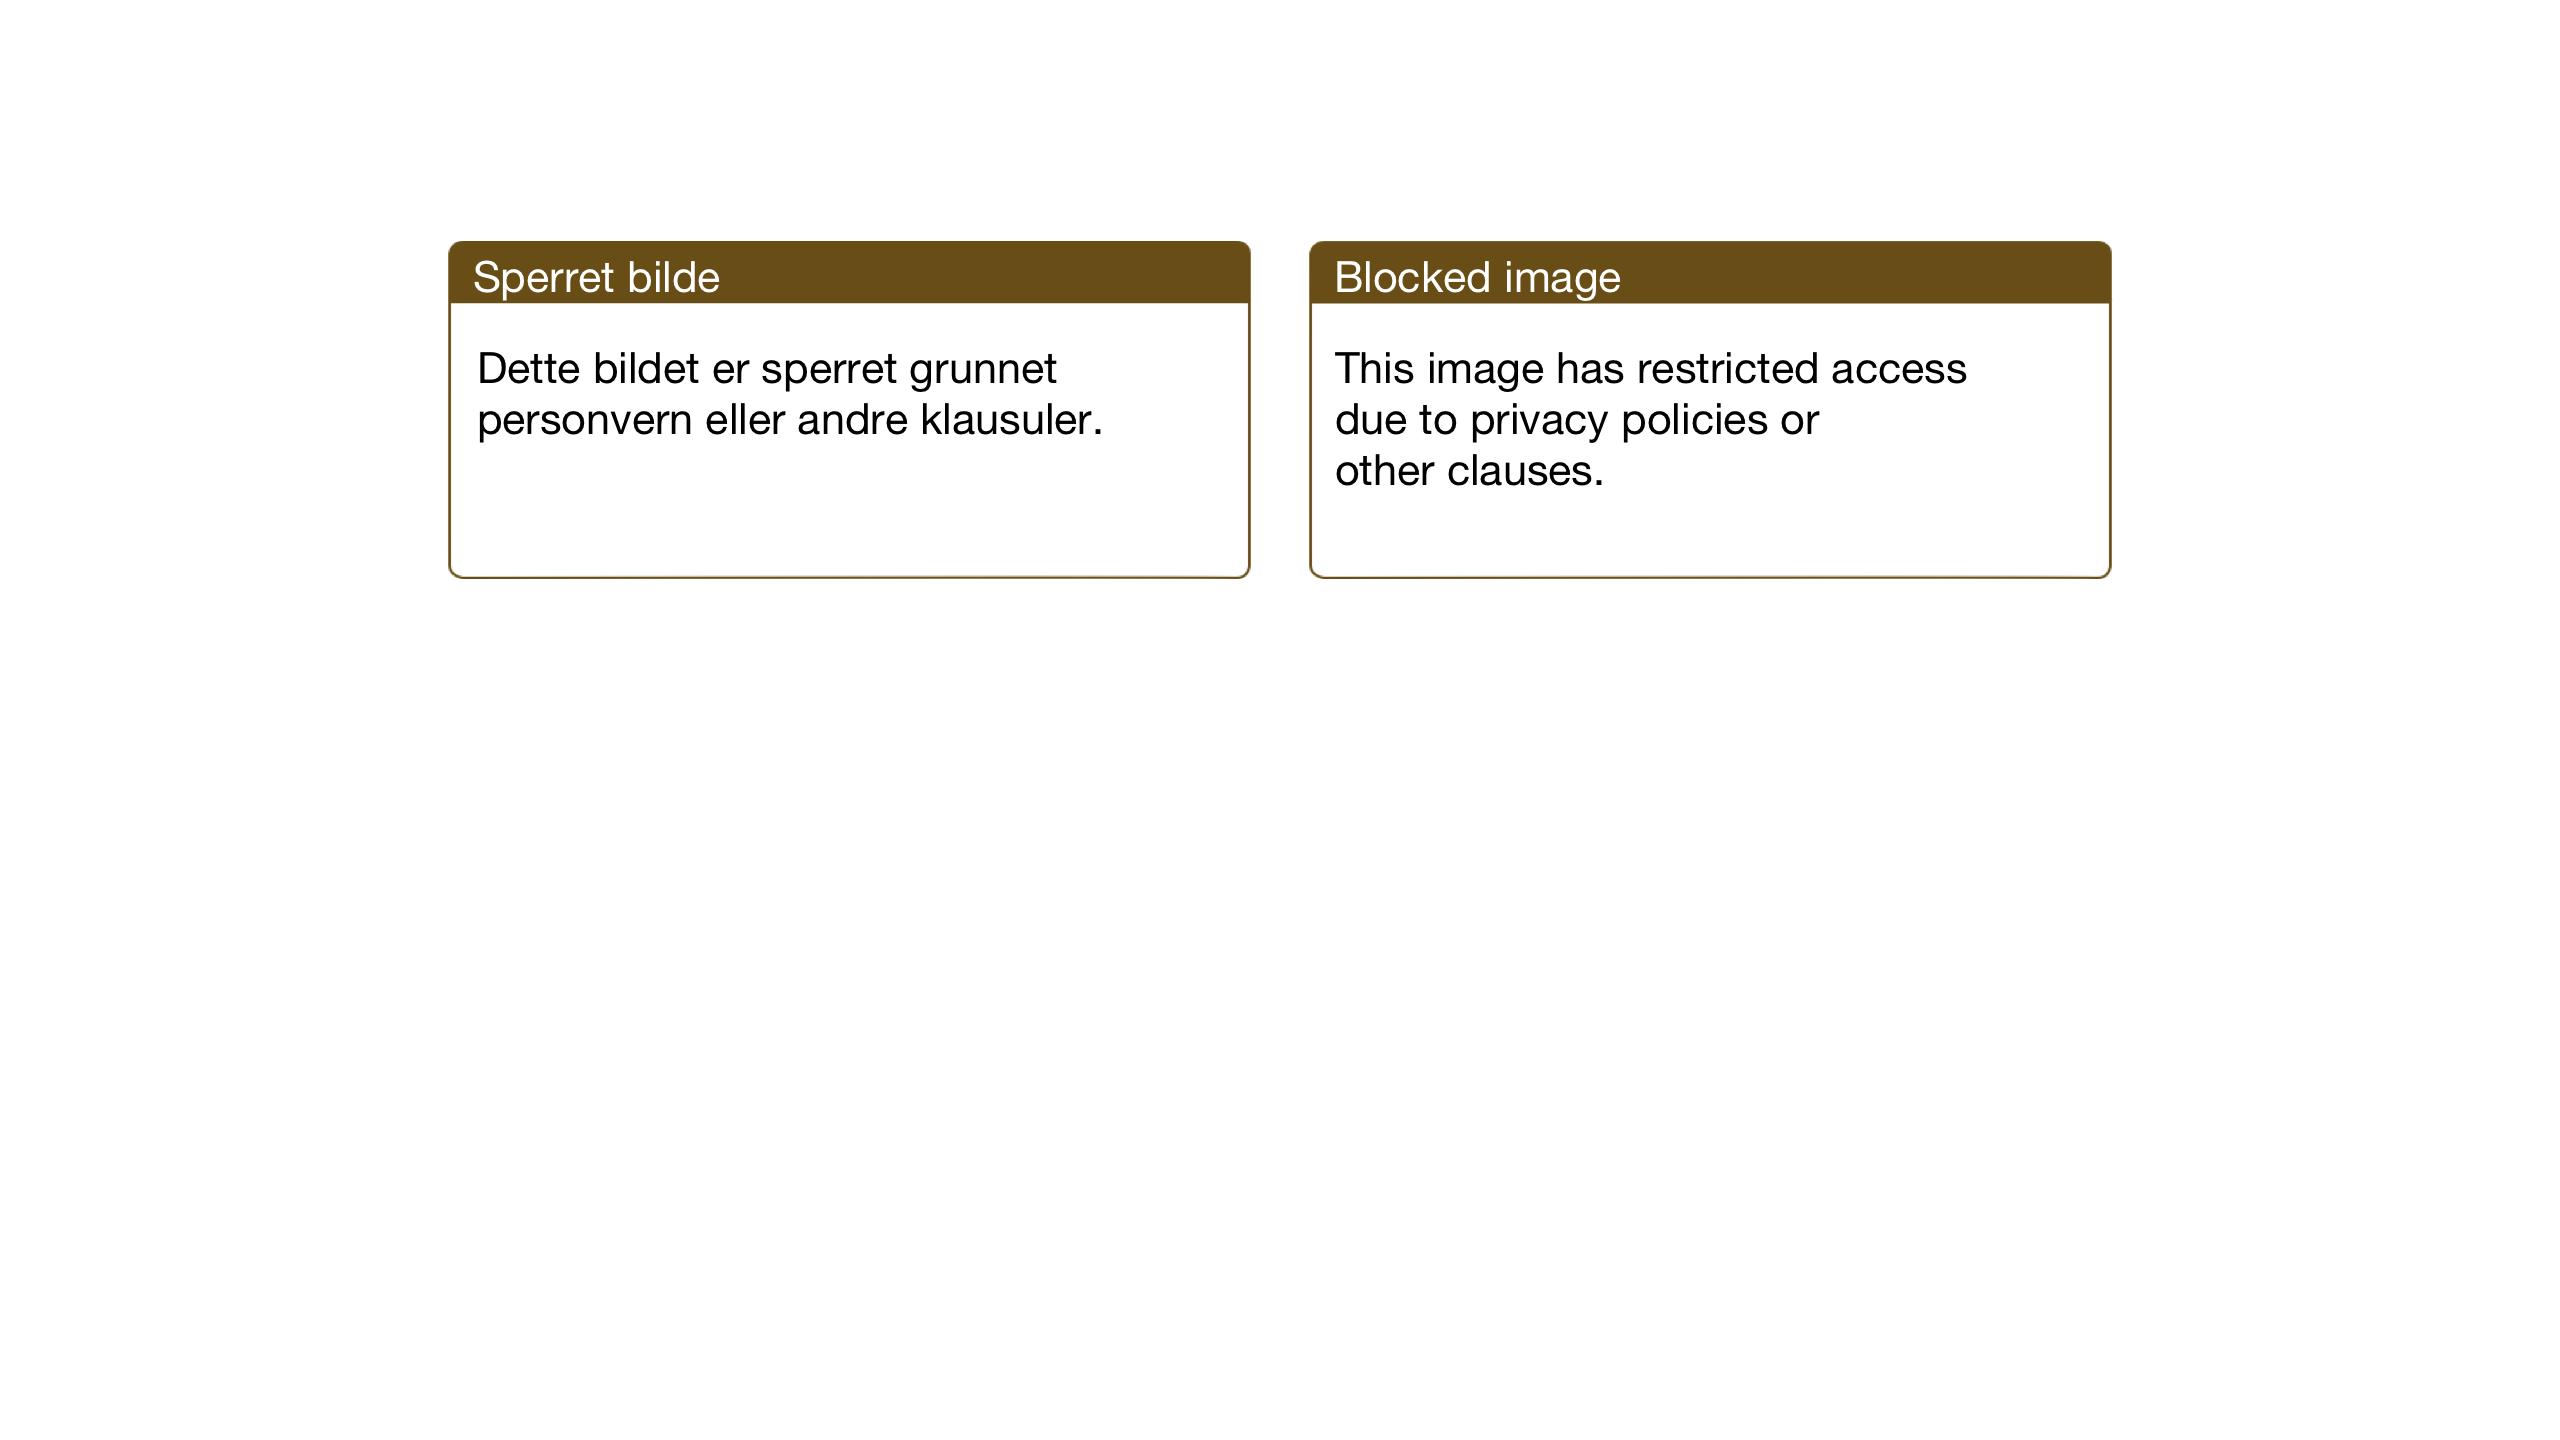 SAT, Ministerialprotokoller, klokkerbøker og fødselsregistre - Sør-Trøndelag, 602/L0151: Klokkerbok nr. 602C19, 1925-1951, s. 69